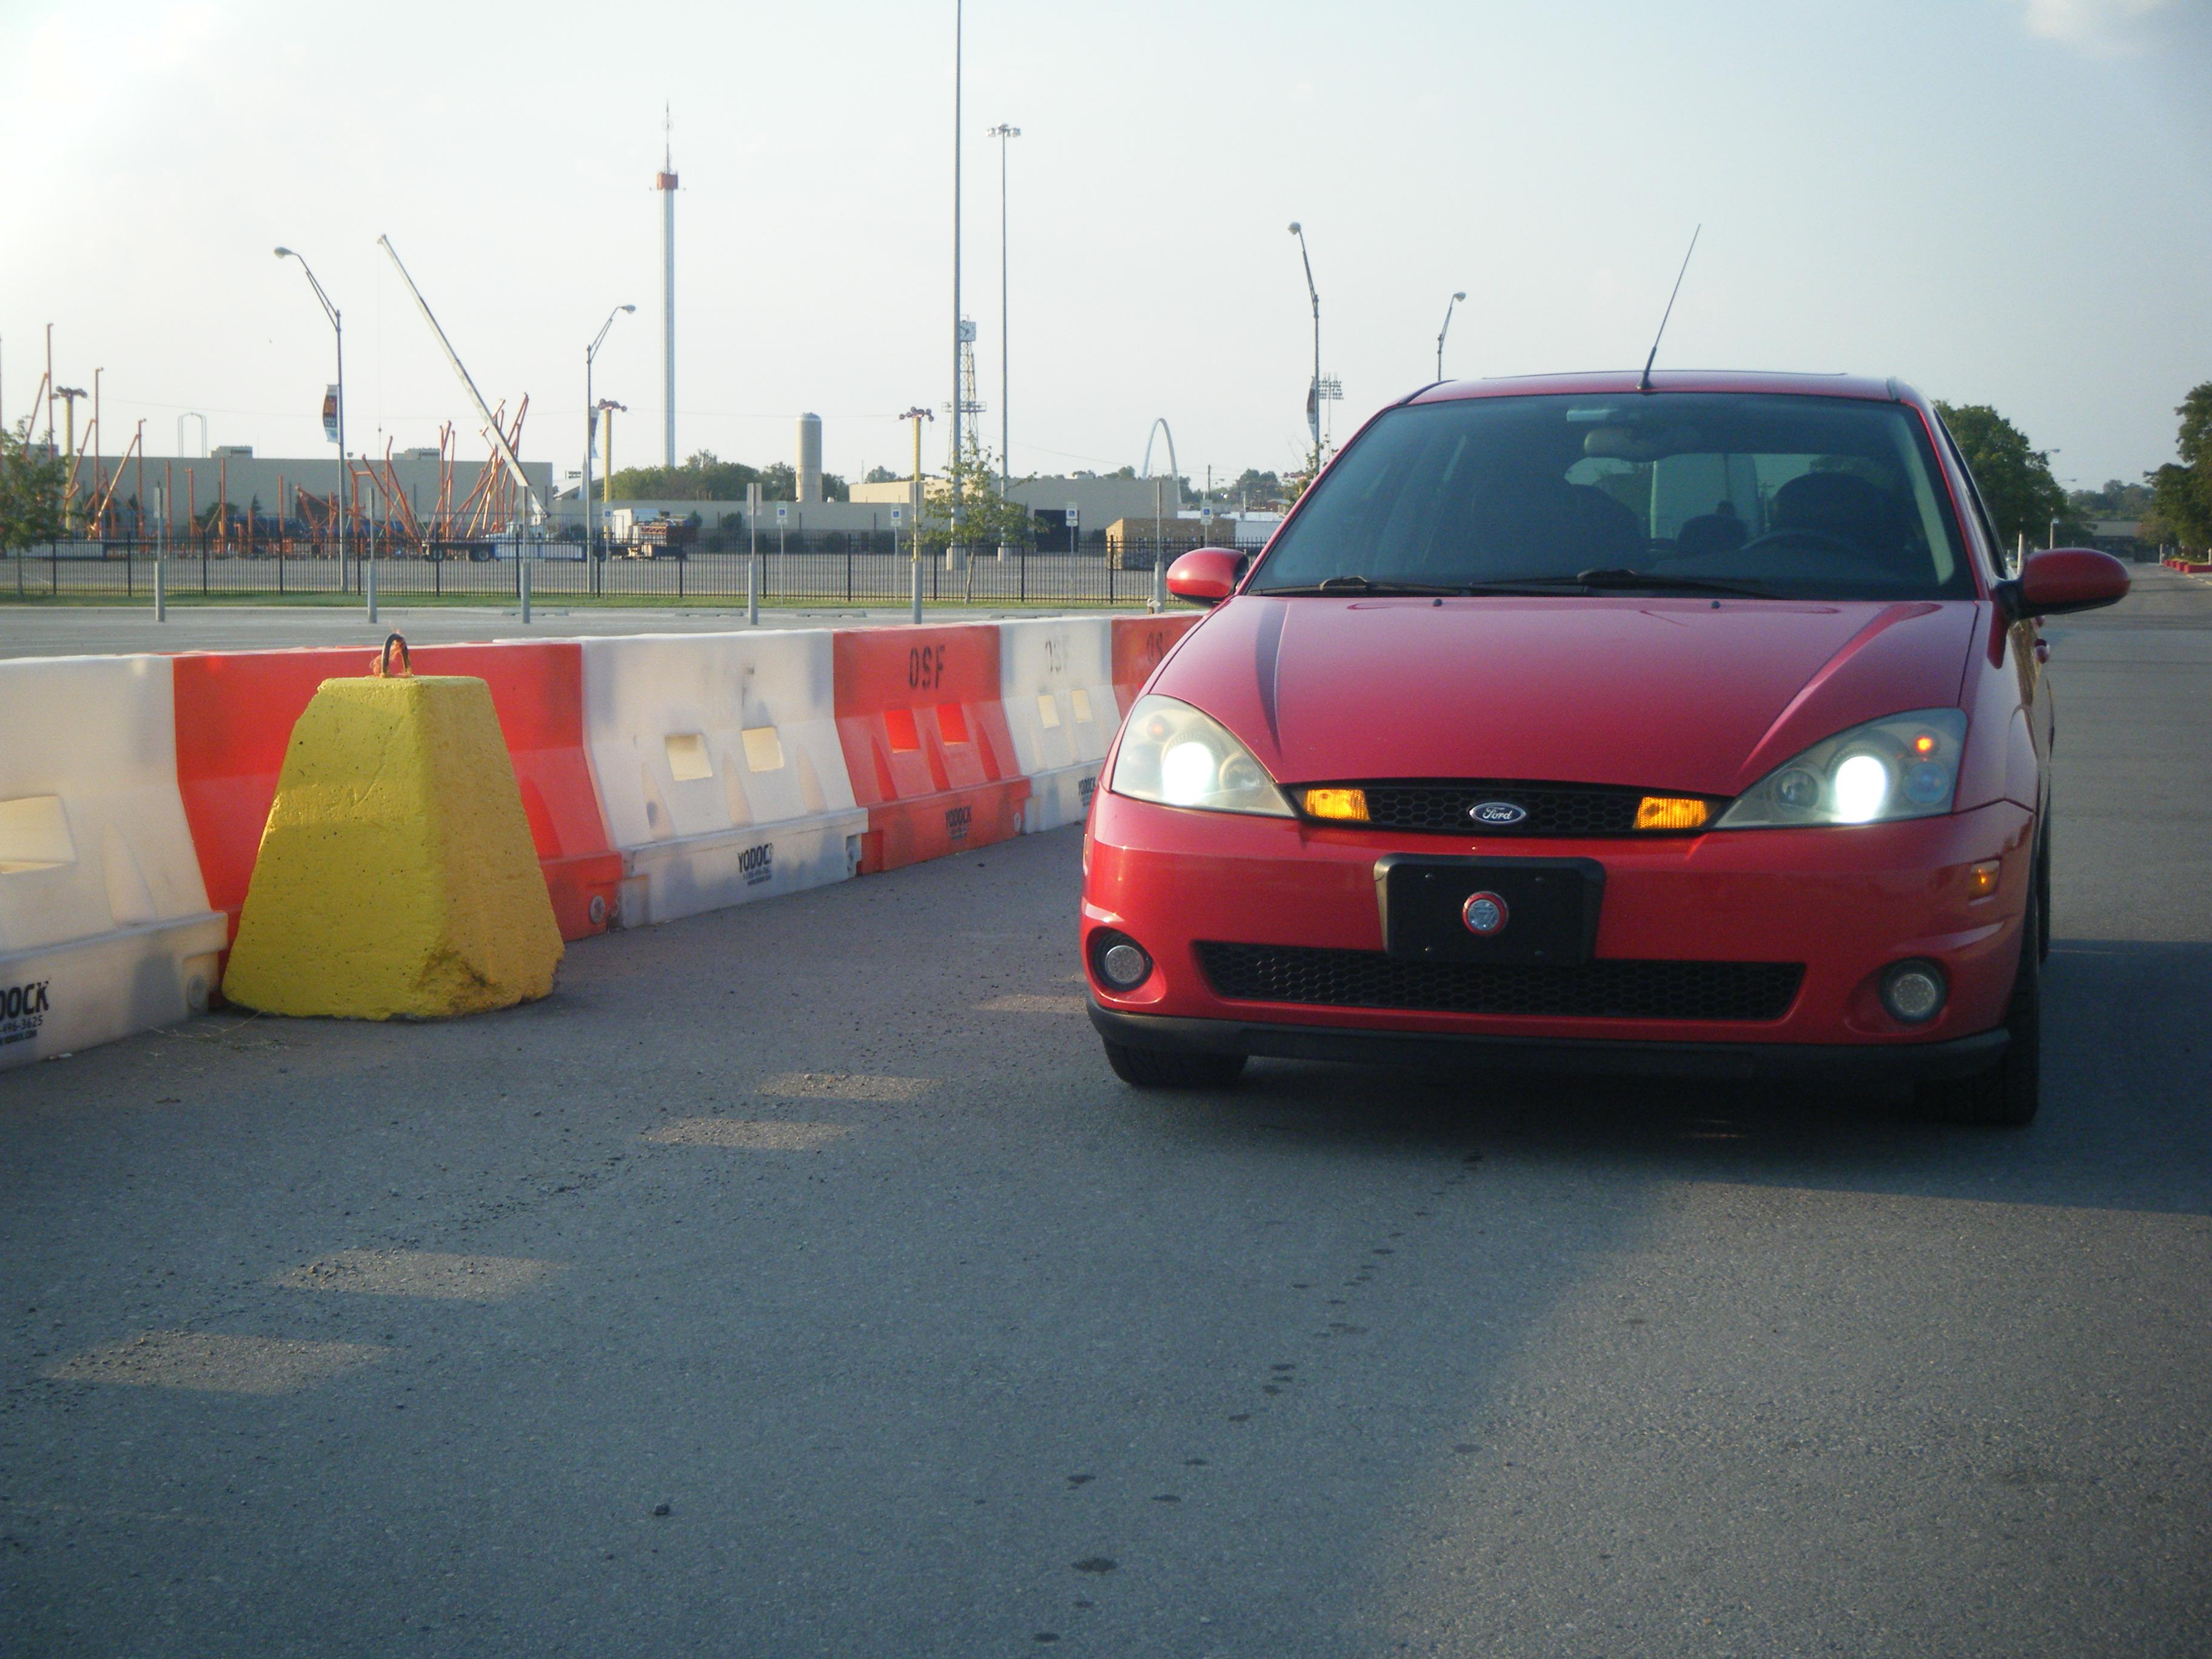 2003 Ford Focus SVT